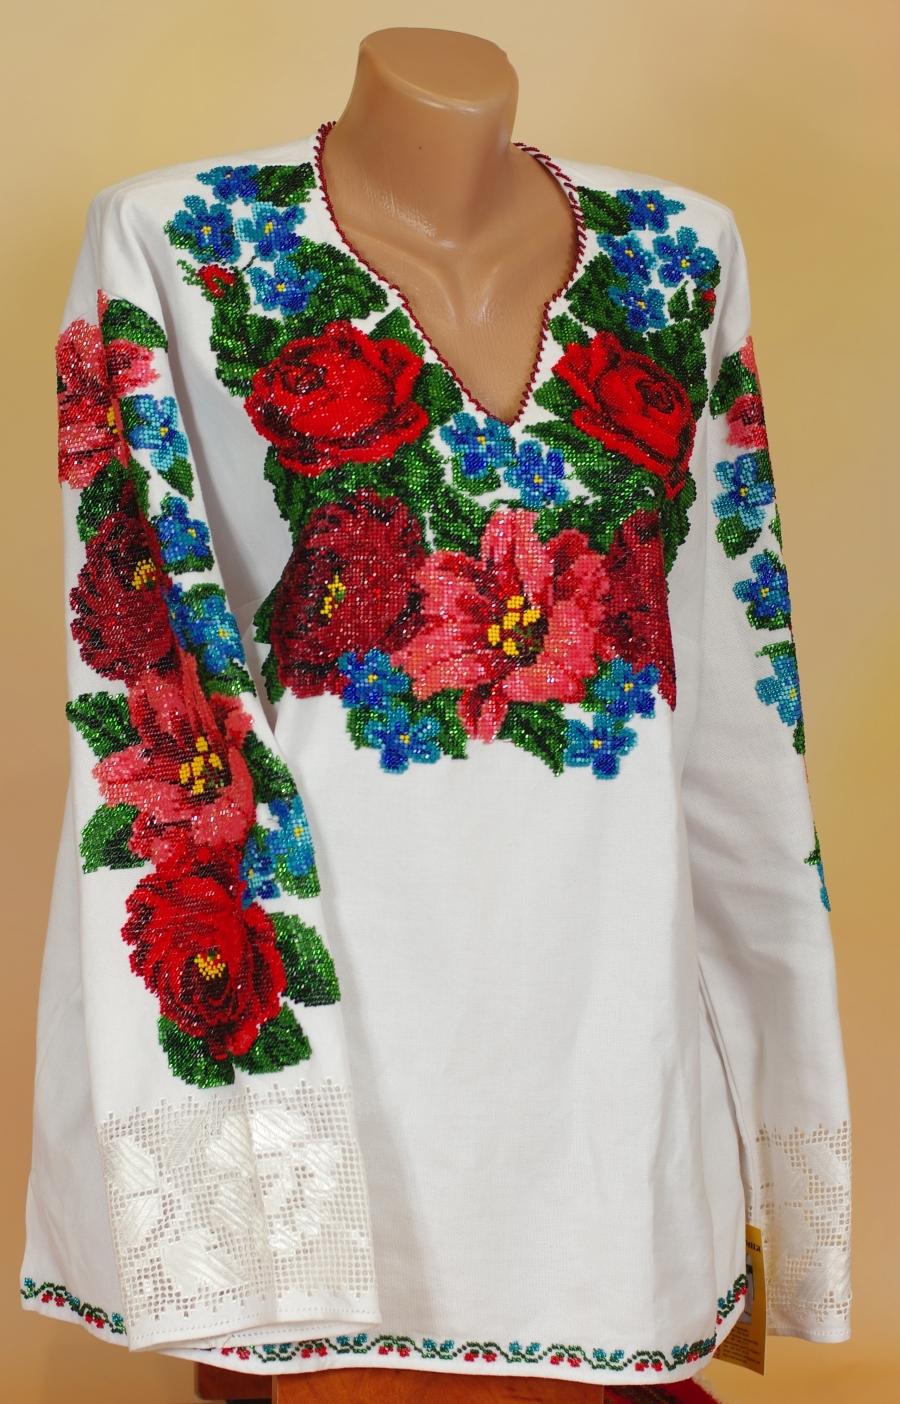 блузка лілія велика. ціна  10000 грн. Ручна вишивка. Жіночий одяг ... c95c10771dee5